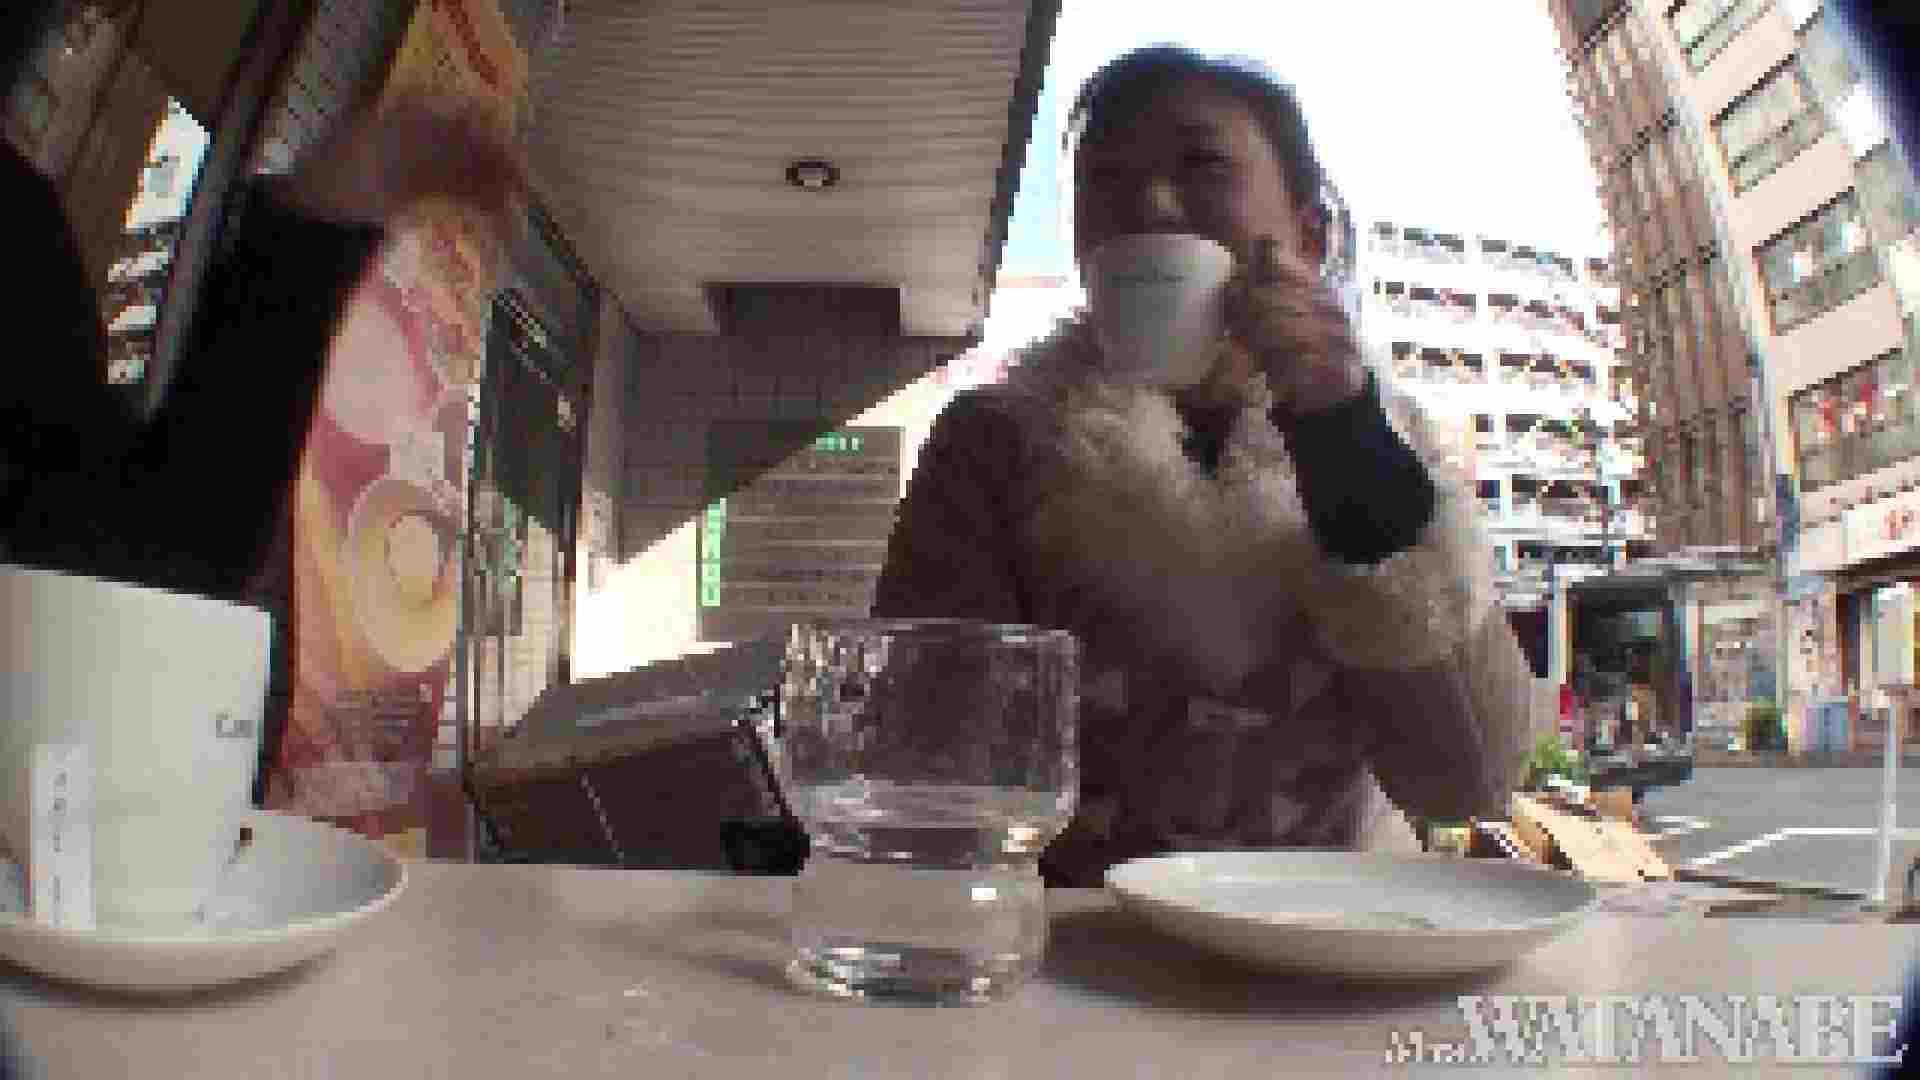 撮影スタッフを誘惑する痴熟女 かおり40歳 Vol.01 OLのエッチ オマンコ動画キャプチャ 73pic 14